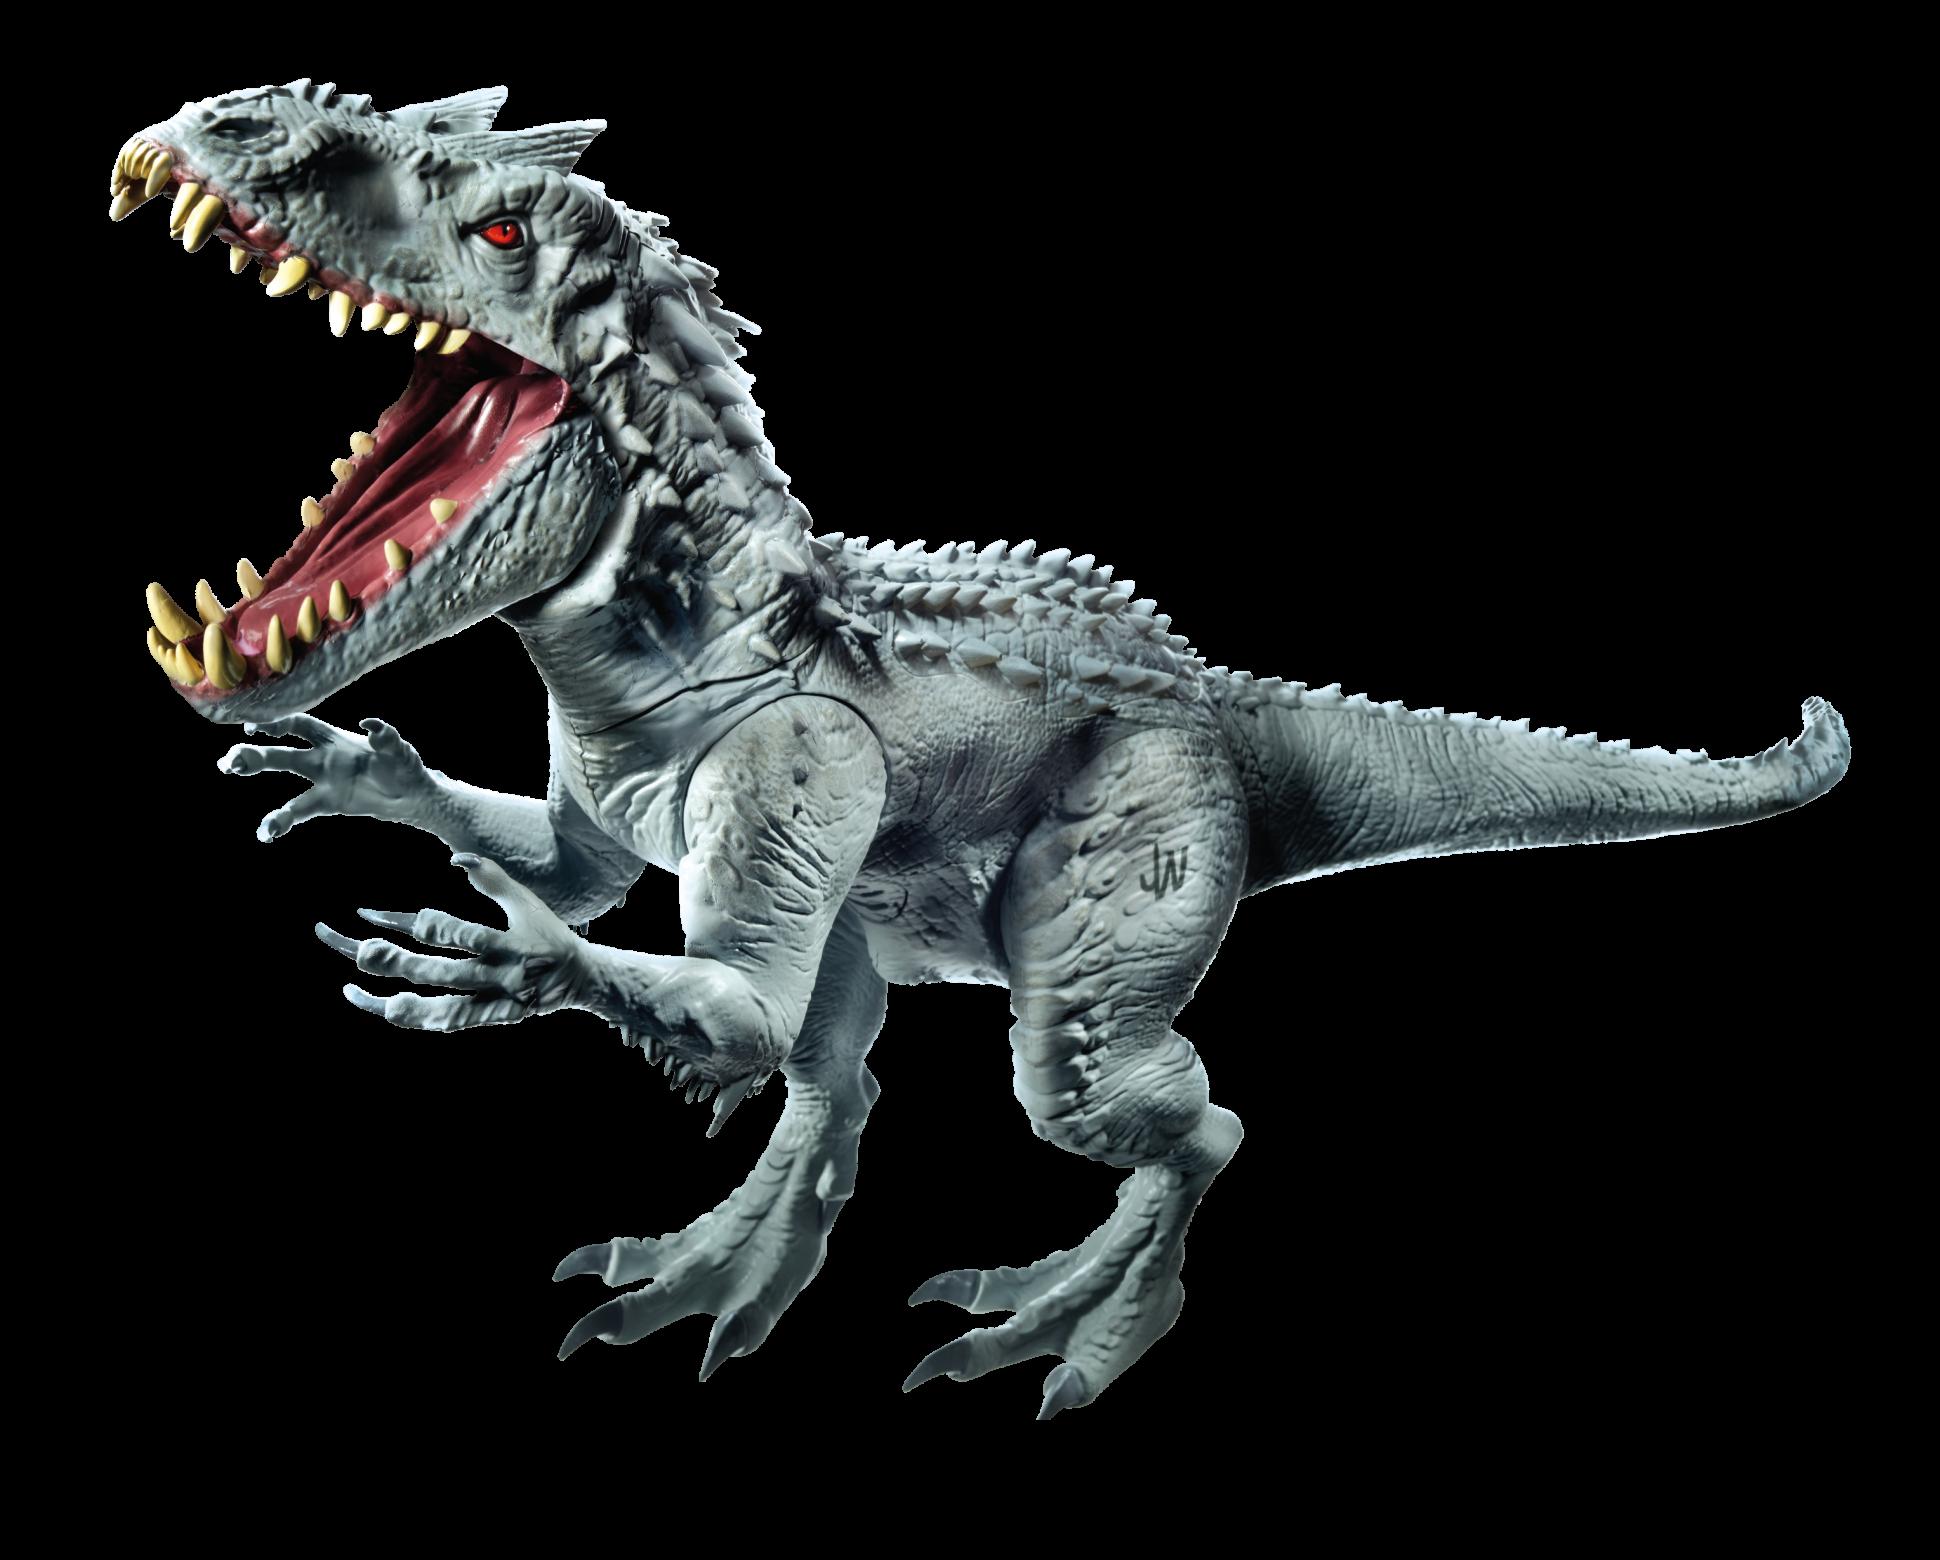 PNG HD Dinosaur - 151260